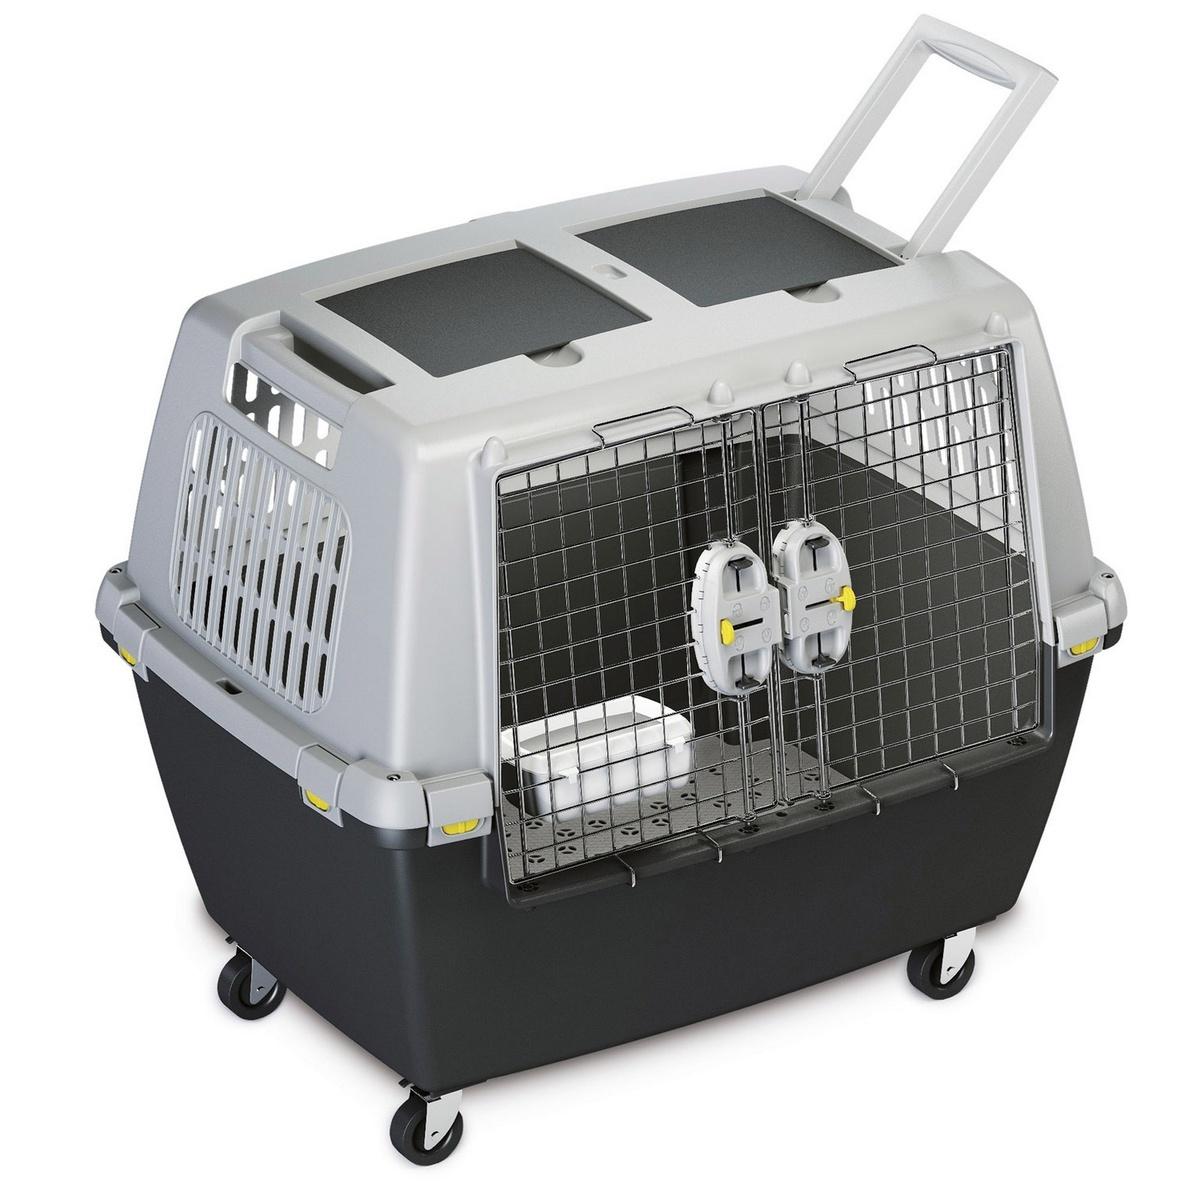 プラスチックケージ お出かけ プラスチックコンテナ 犬 猫 キャリーバッグ ステファンプラスト Stefanplast 犬猫用 ツインペットキャリー 海外直送 格安激安 2ドア lata ツーリング ガリバー トラベル SALE開催中 80 ペットキャリー